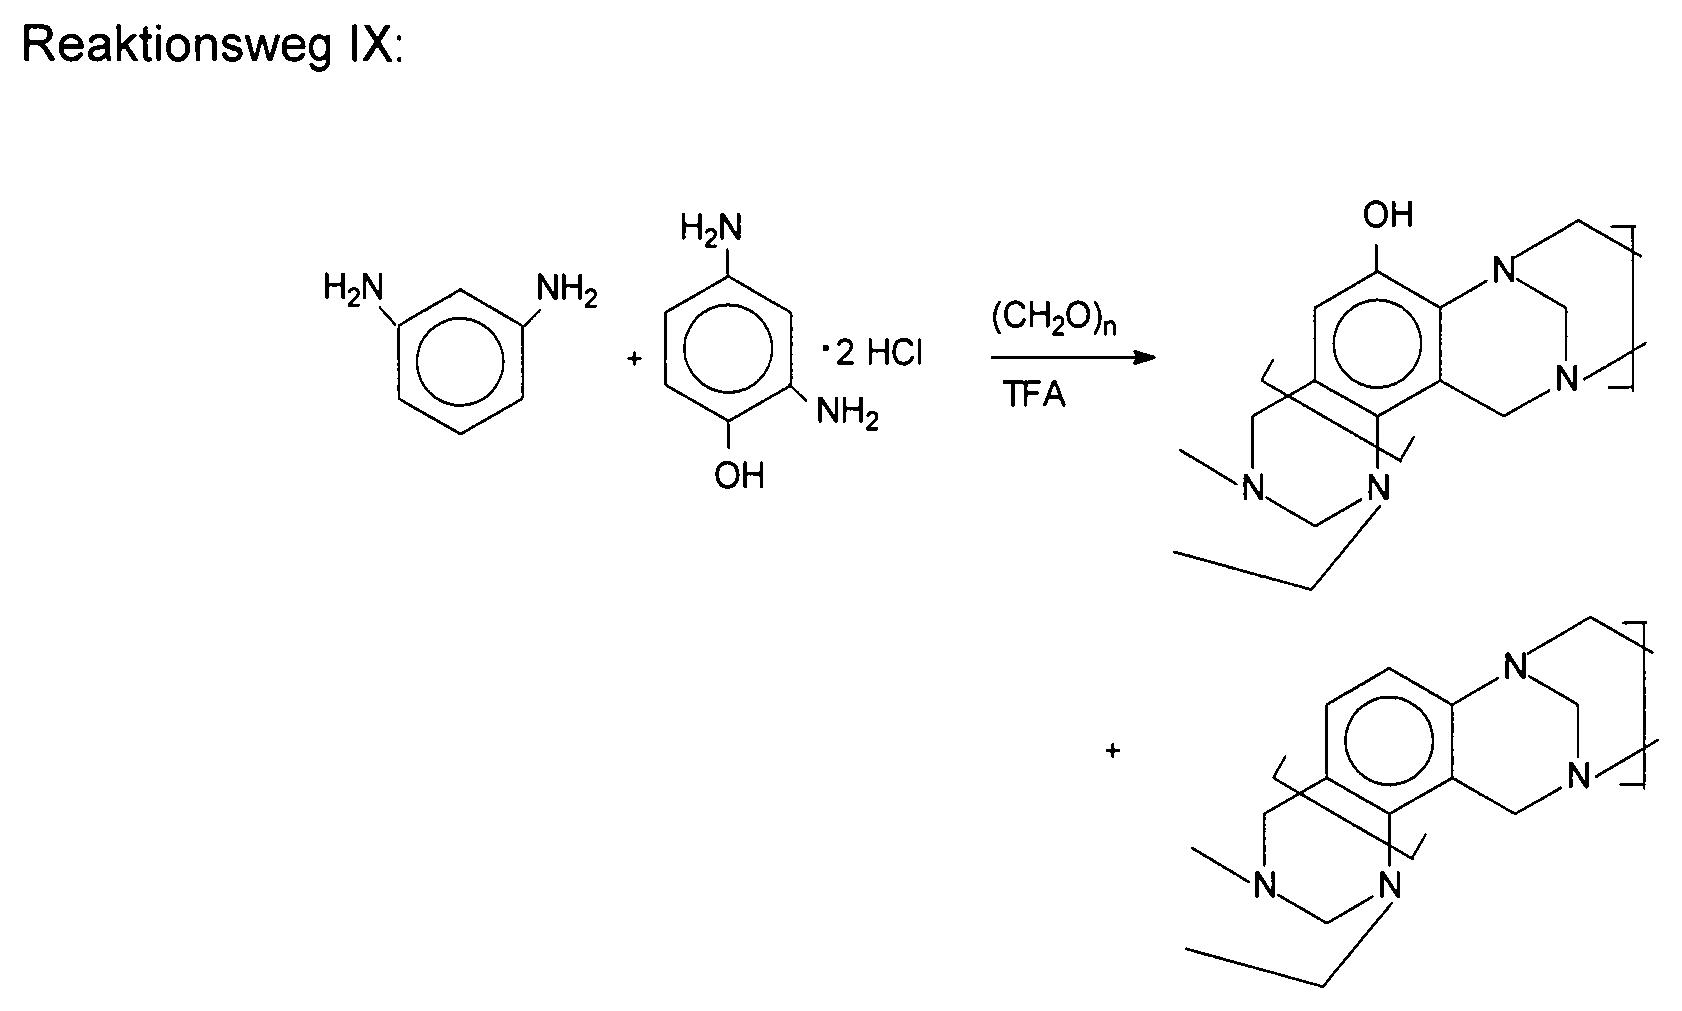 Figure DE112016005378T5_0025